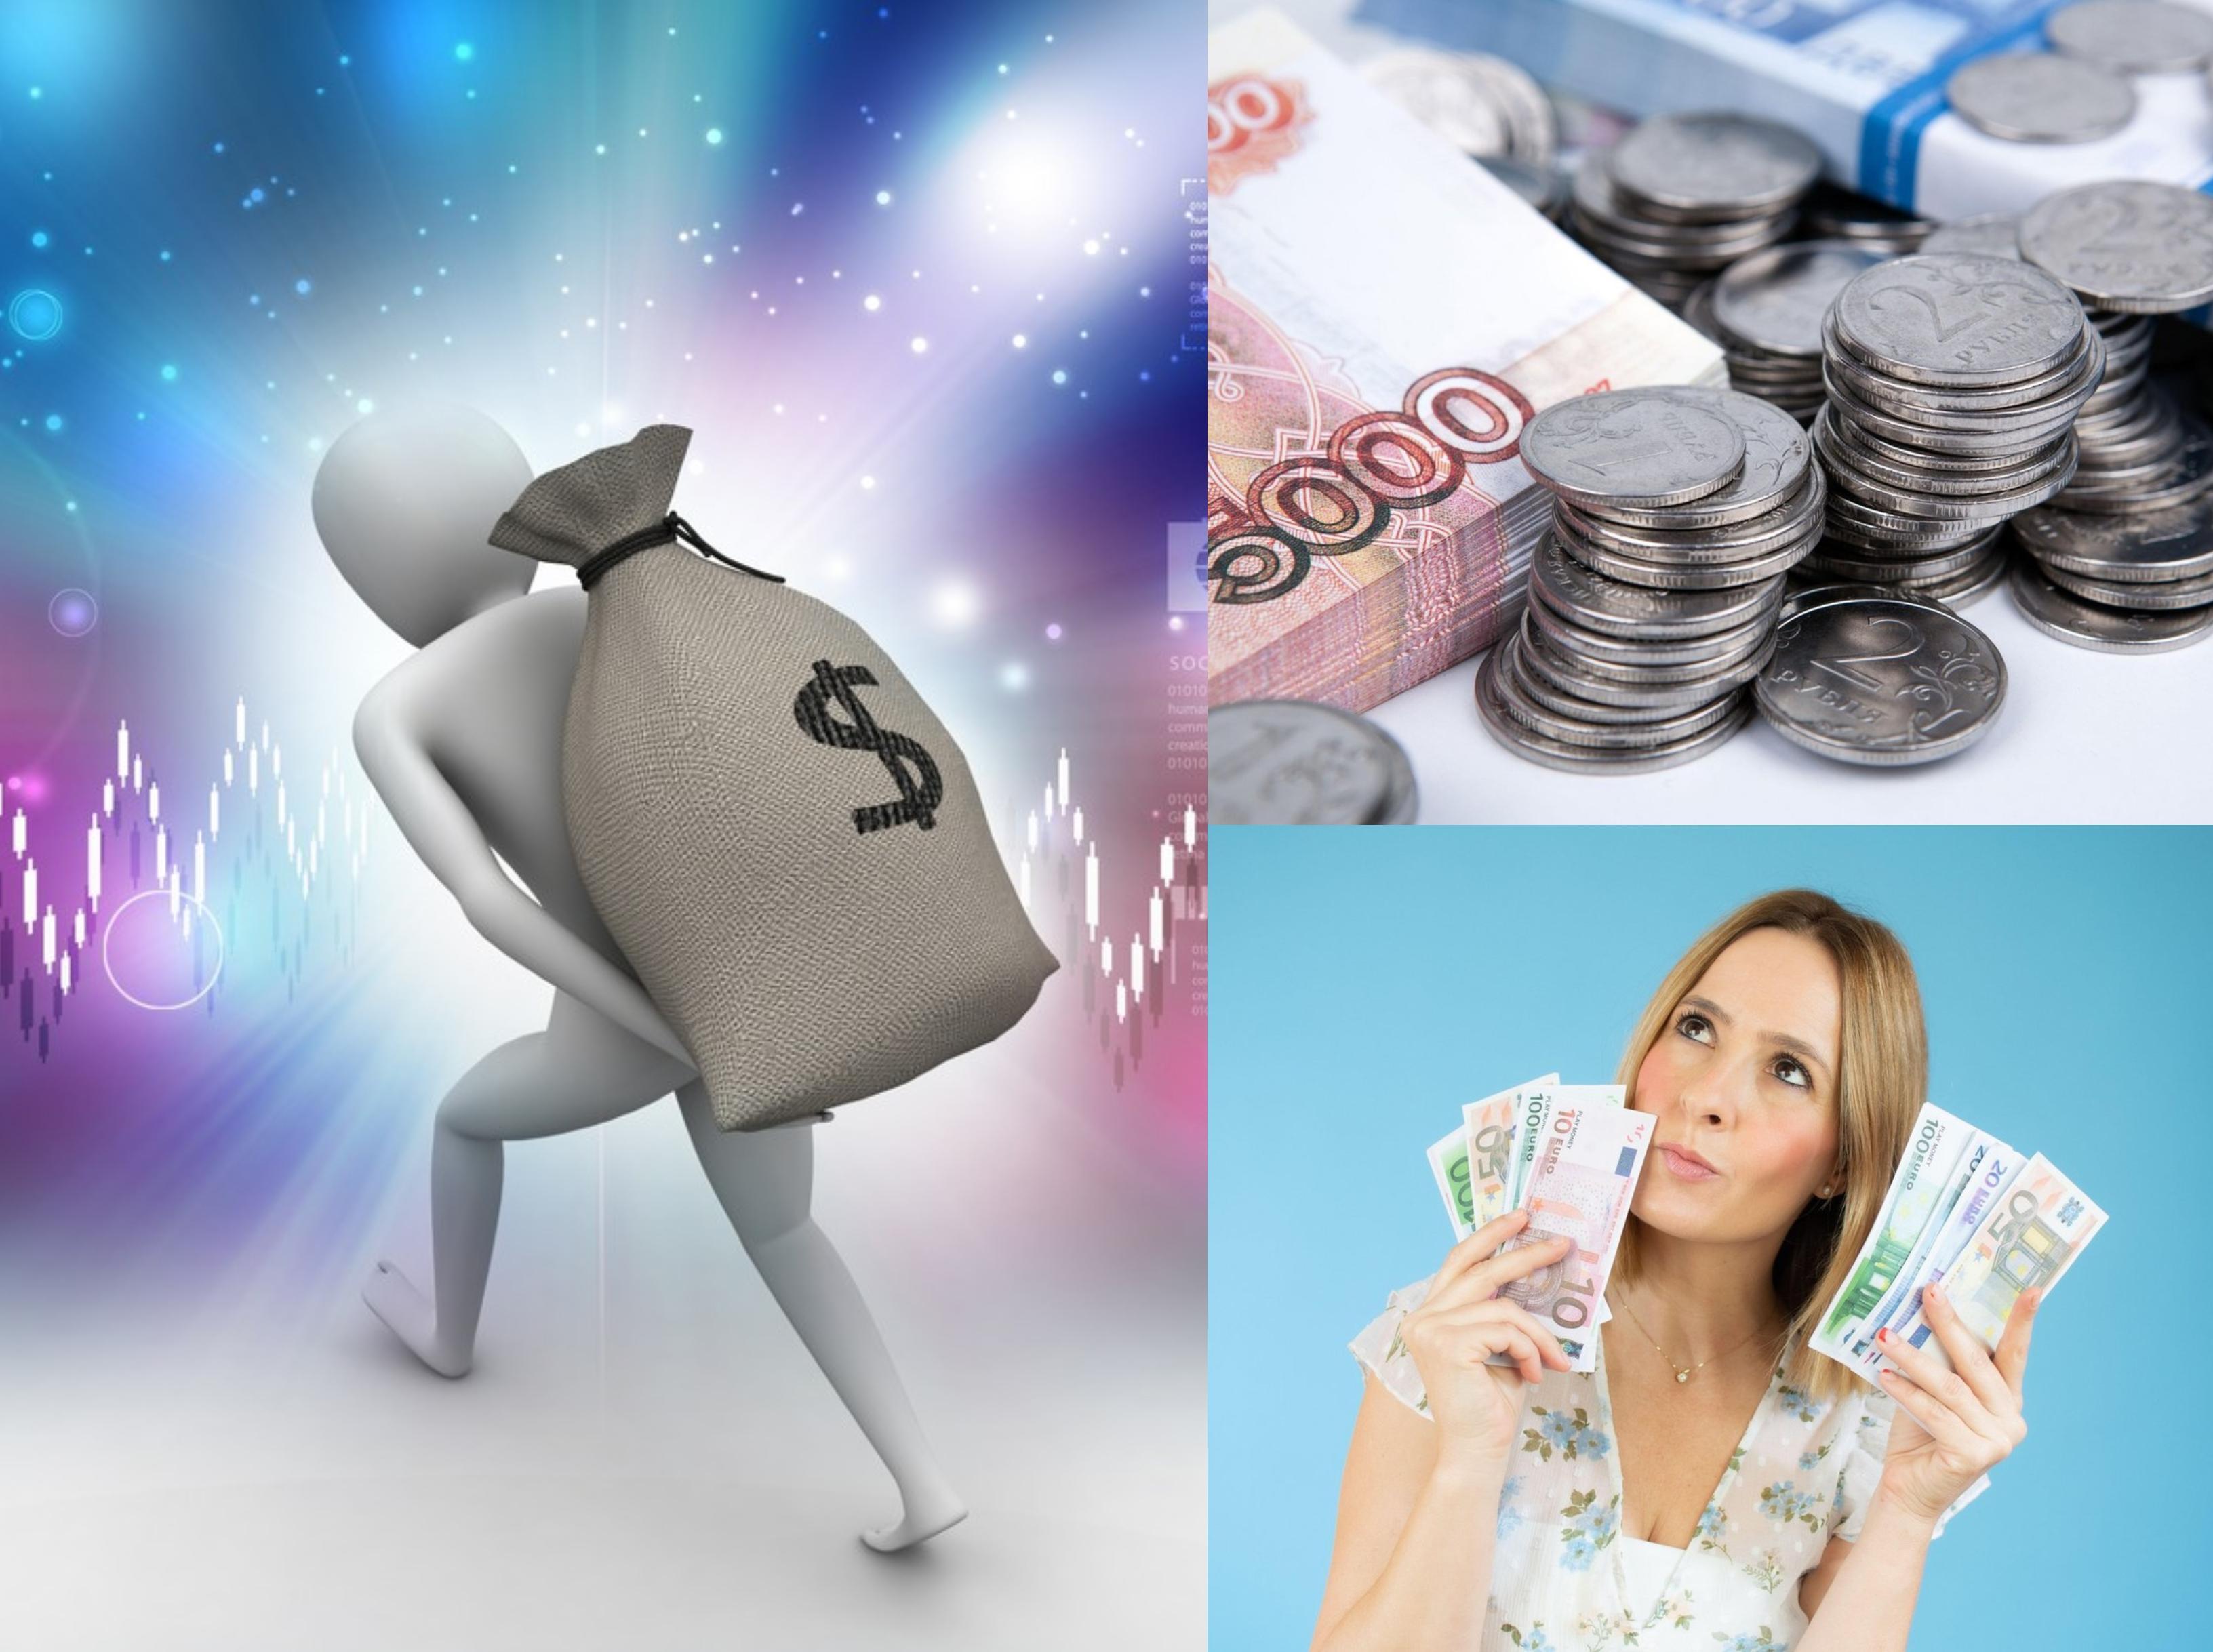 12 pași pentru a deveni bogat | #dozadesucces, Sfaturi de la oamenii bogați cum să câștigi bani